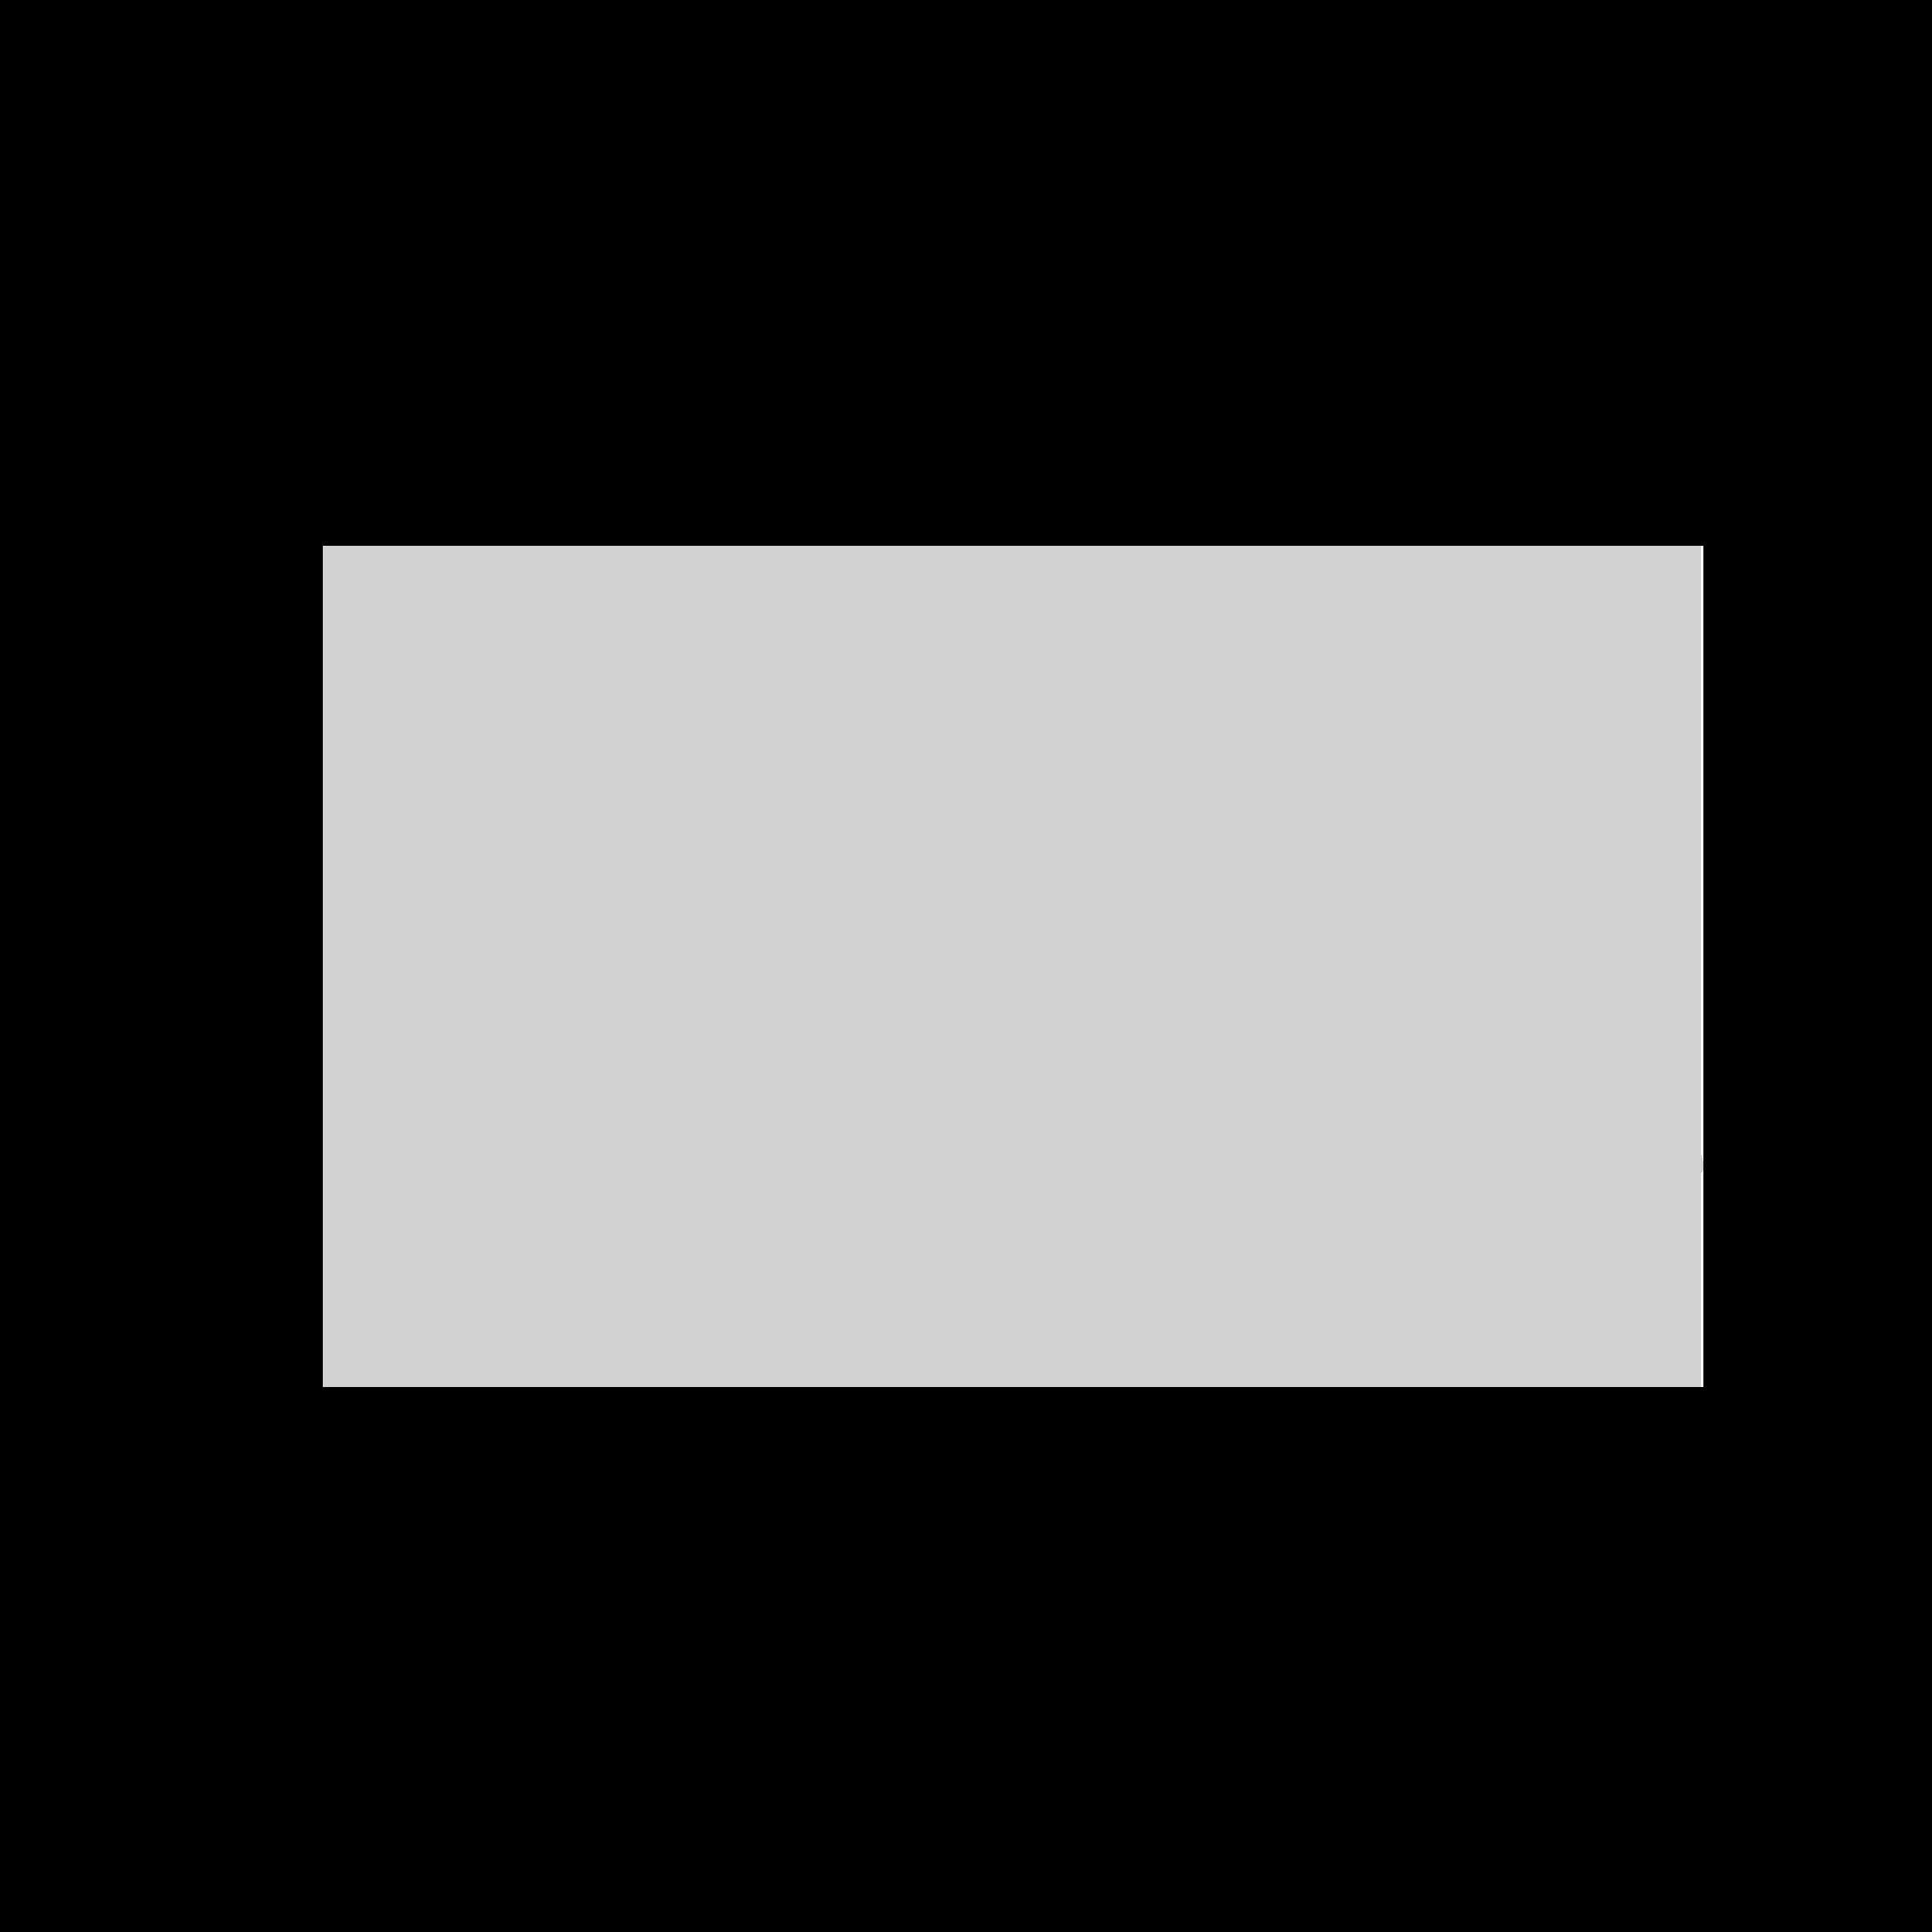 italia enit 2.png